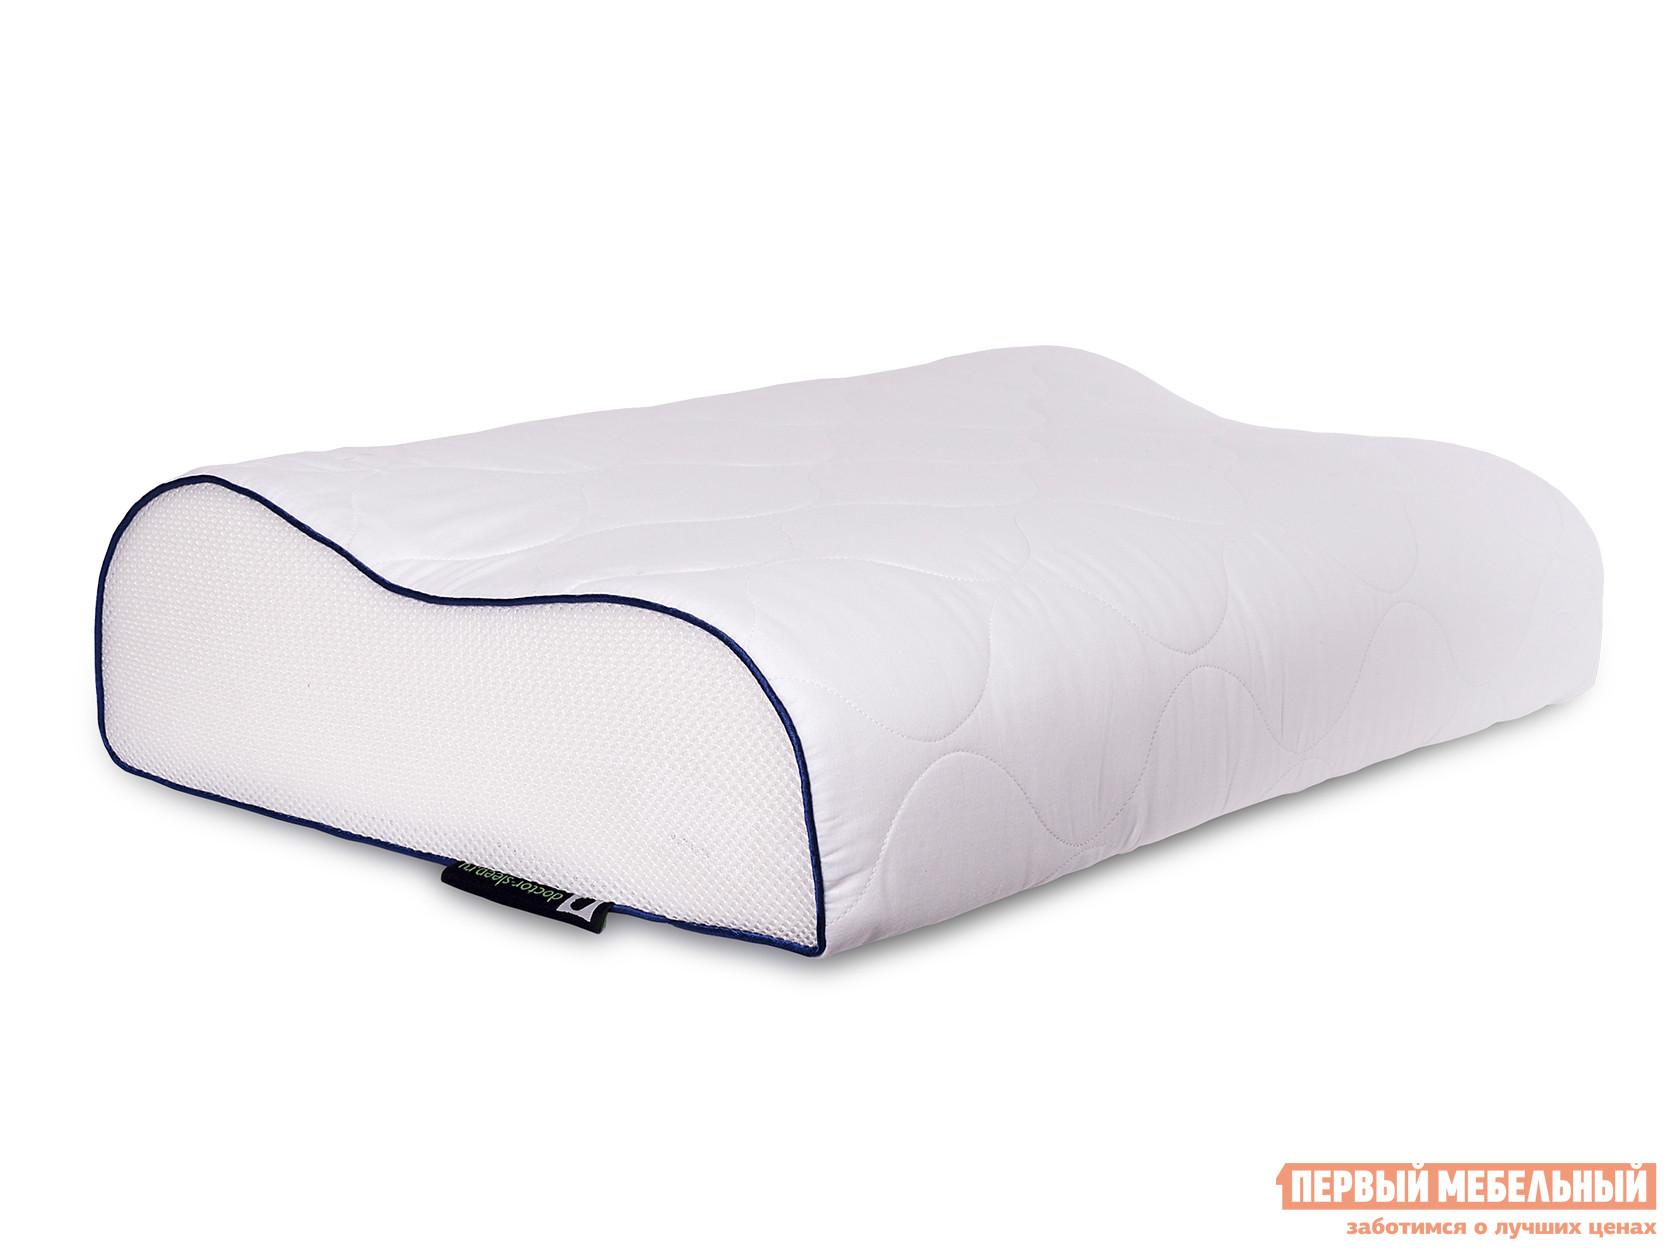 Подушка Первый Мебельный Sleep Care